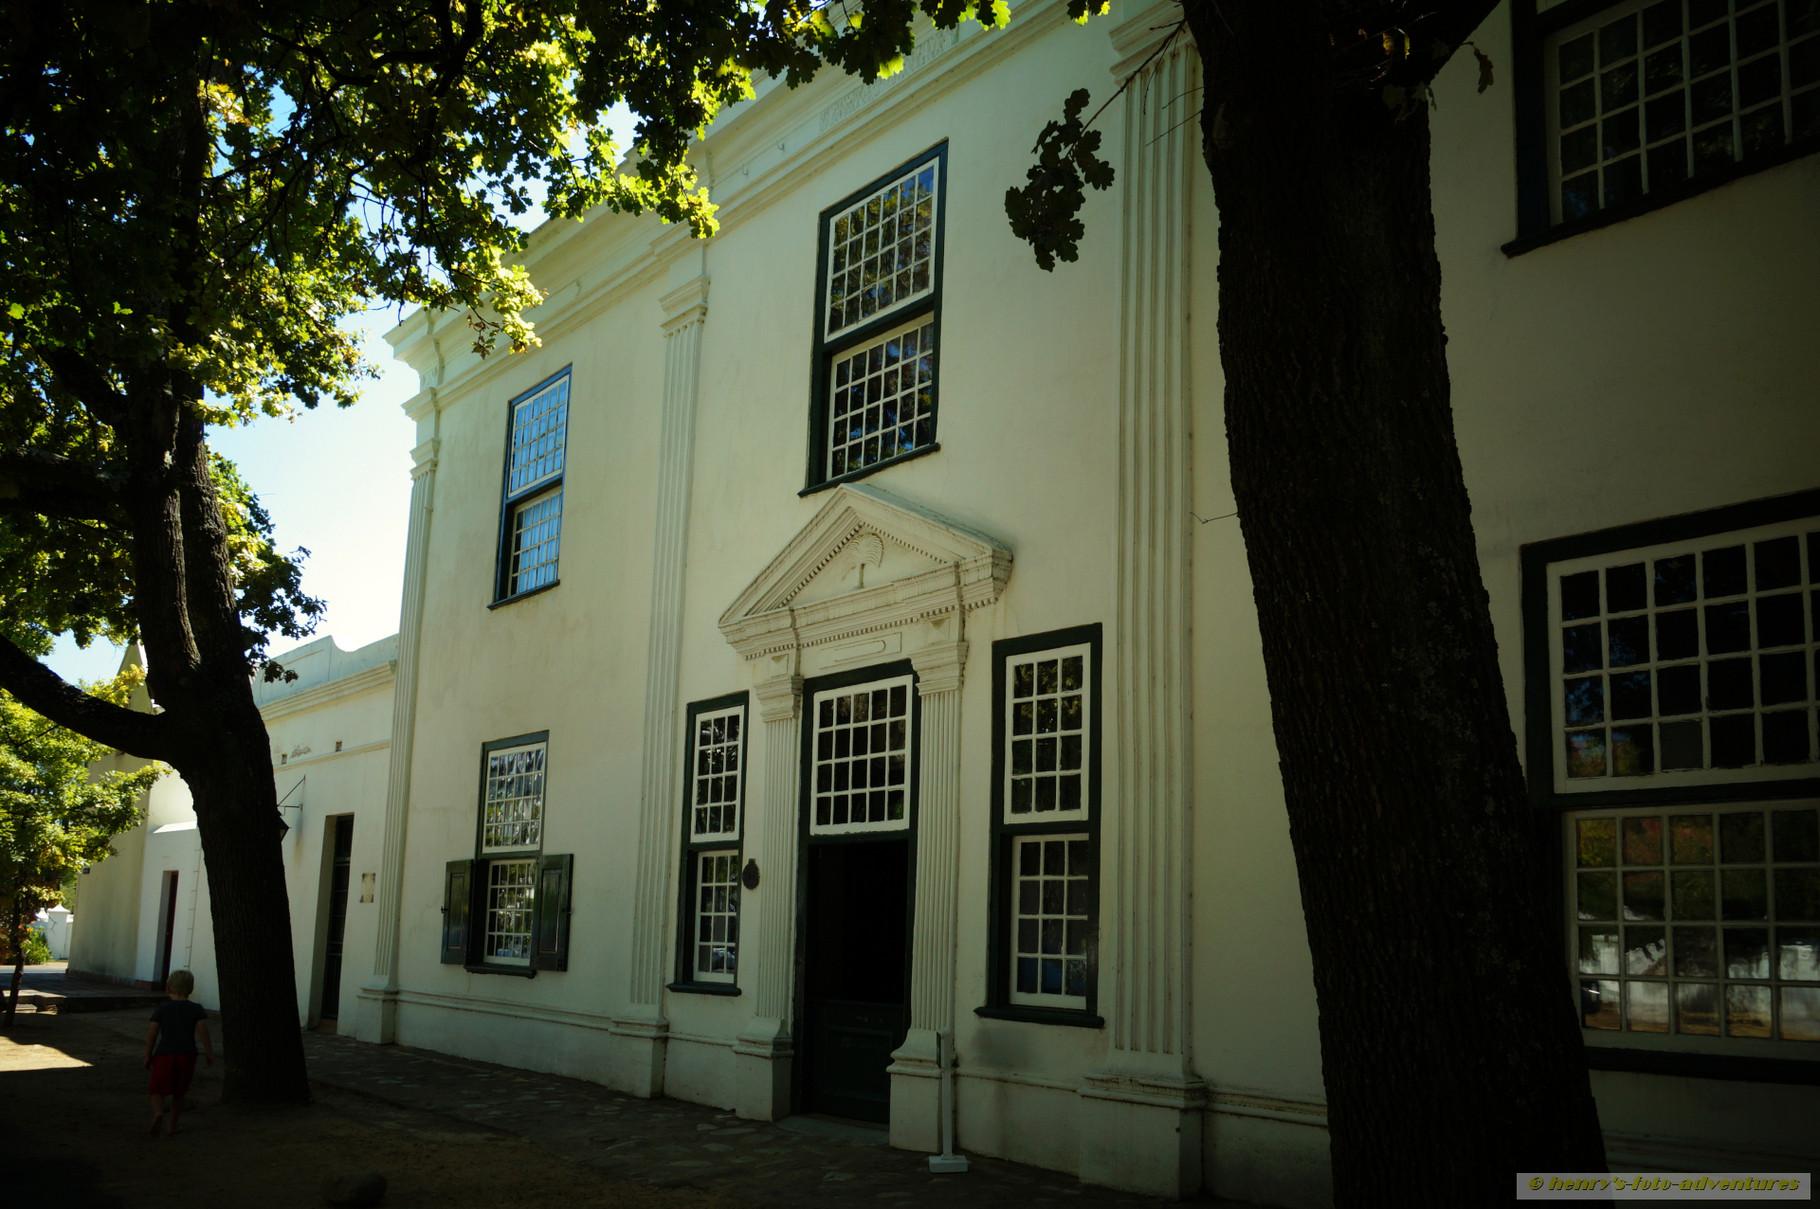 ein altes Herrenhaus - jetzt ein Museum